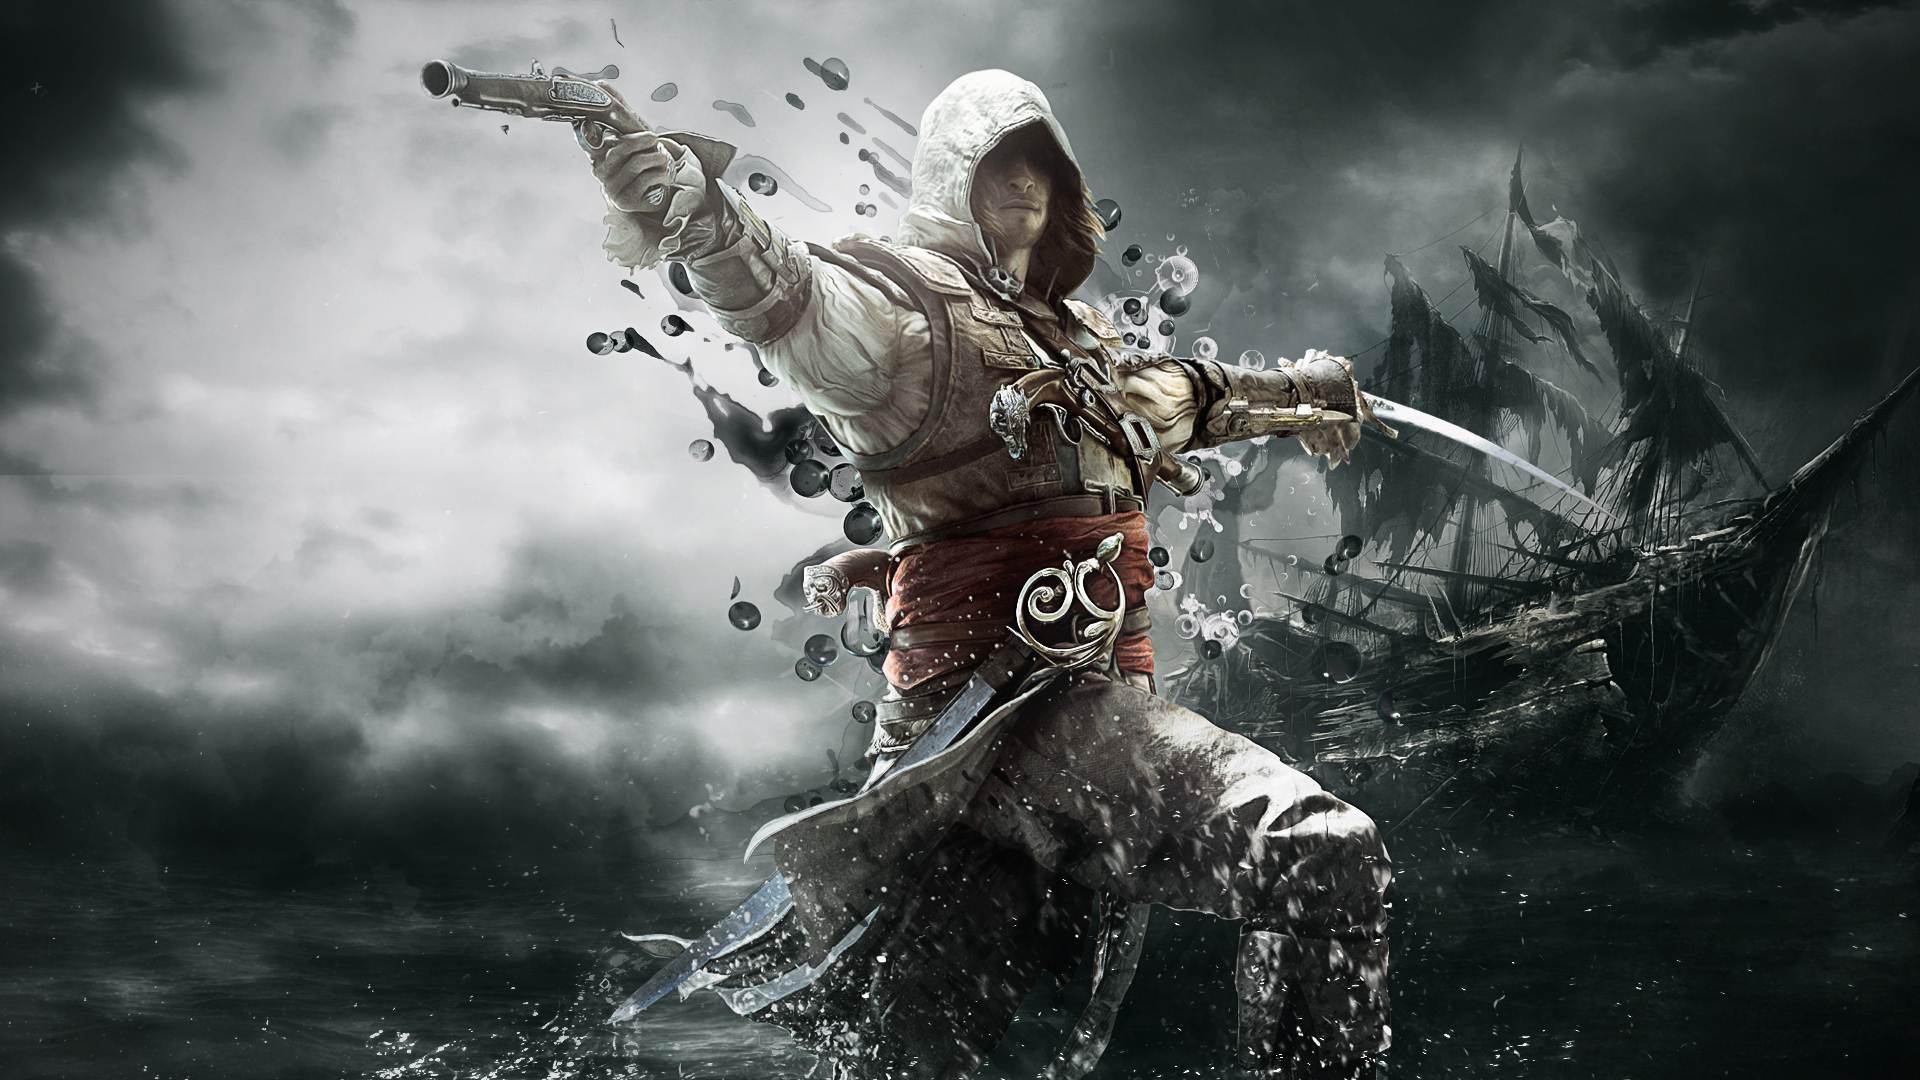 Así es la exploración naval en Assassin's Creed IV [Video]